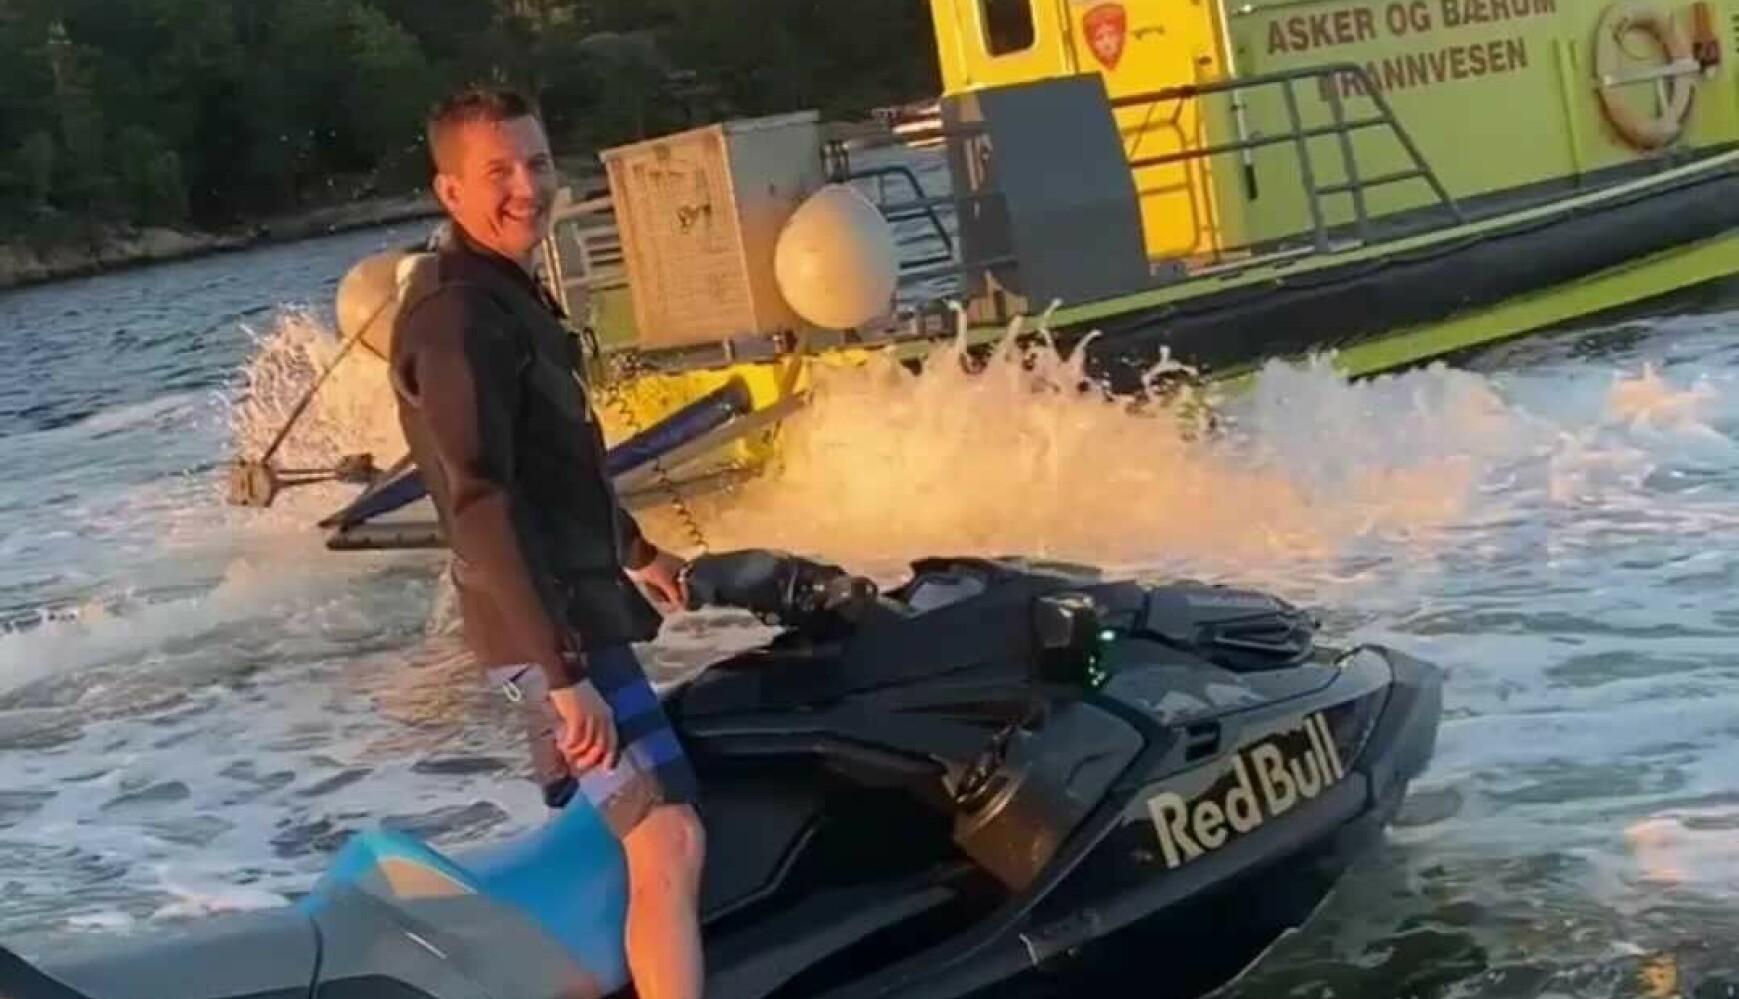 ERFAREN: Per Kristian Grette har kjørt vannscooter aktivt siden 2013. Foto: Privat